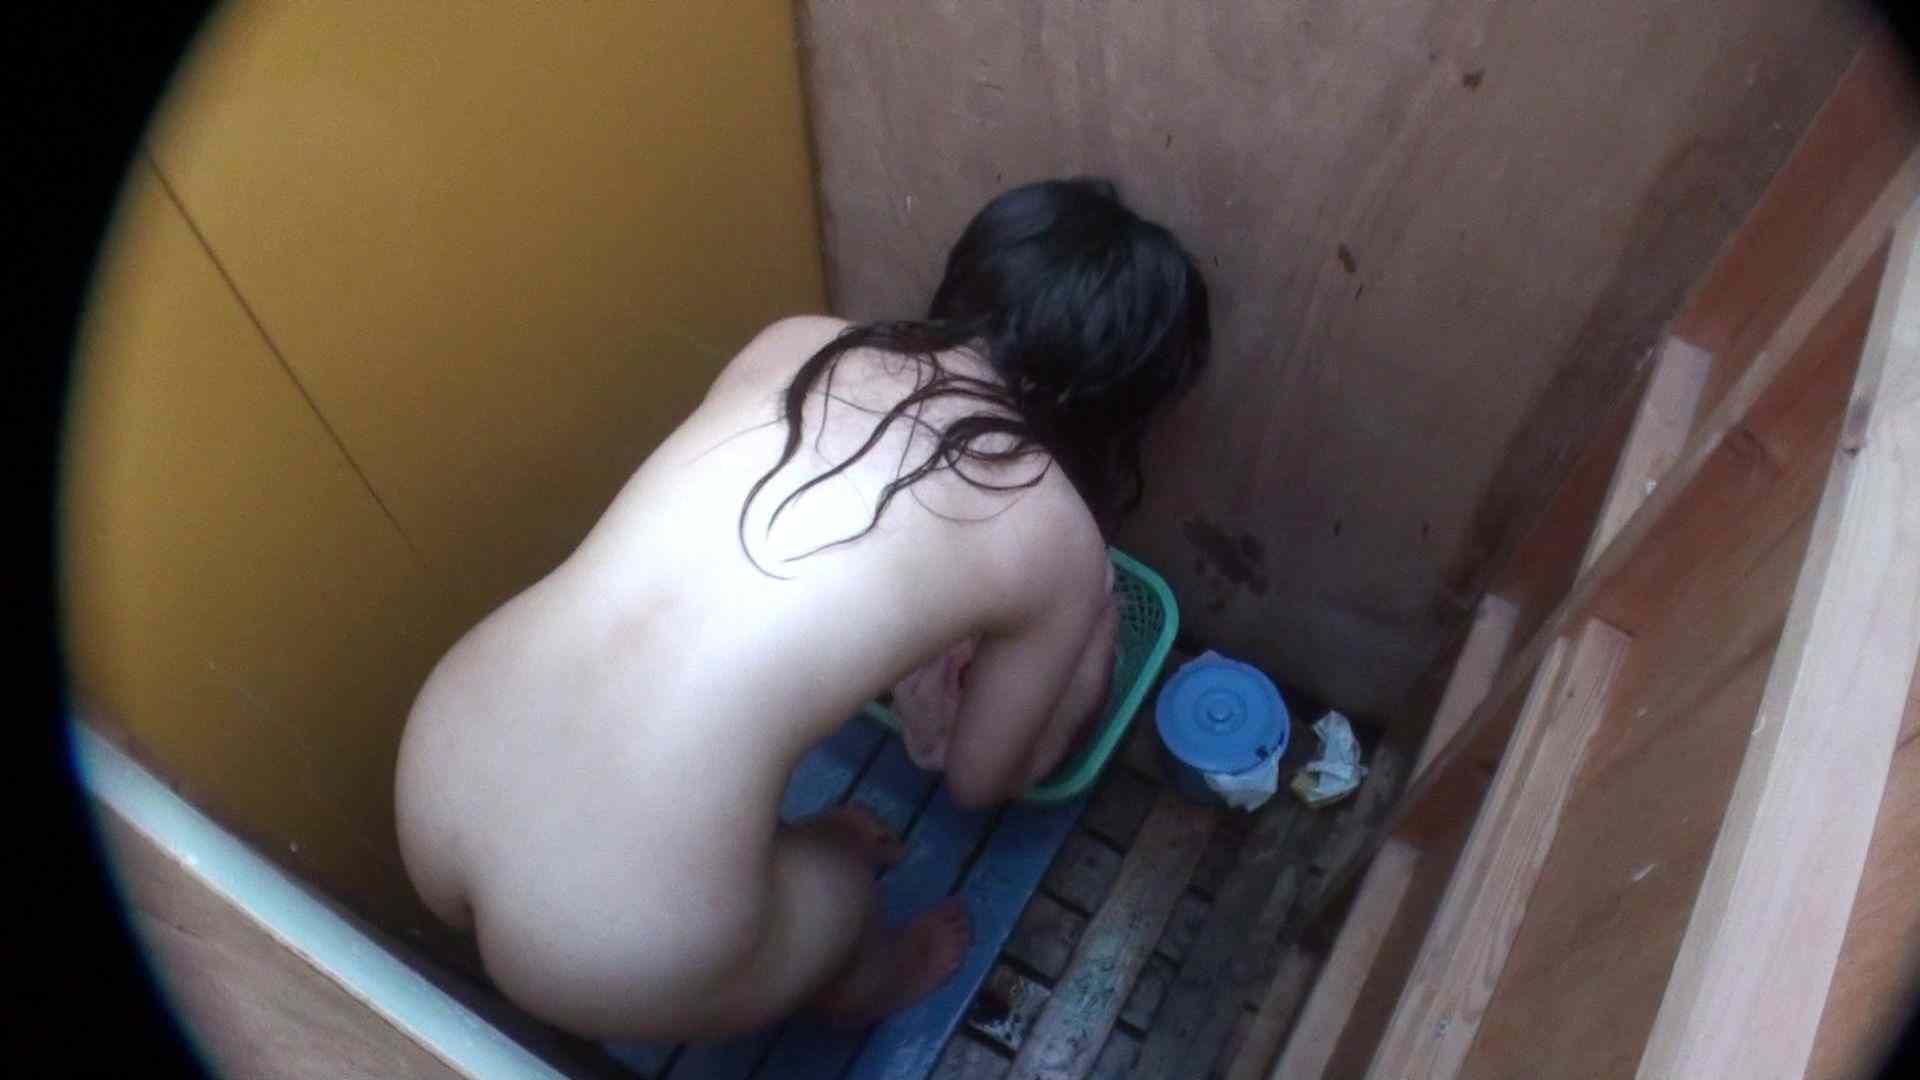 シャワールームは超!!危険な香りVol.13 ムッチムチのいやらしい身体つき シャワー  111pic 76